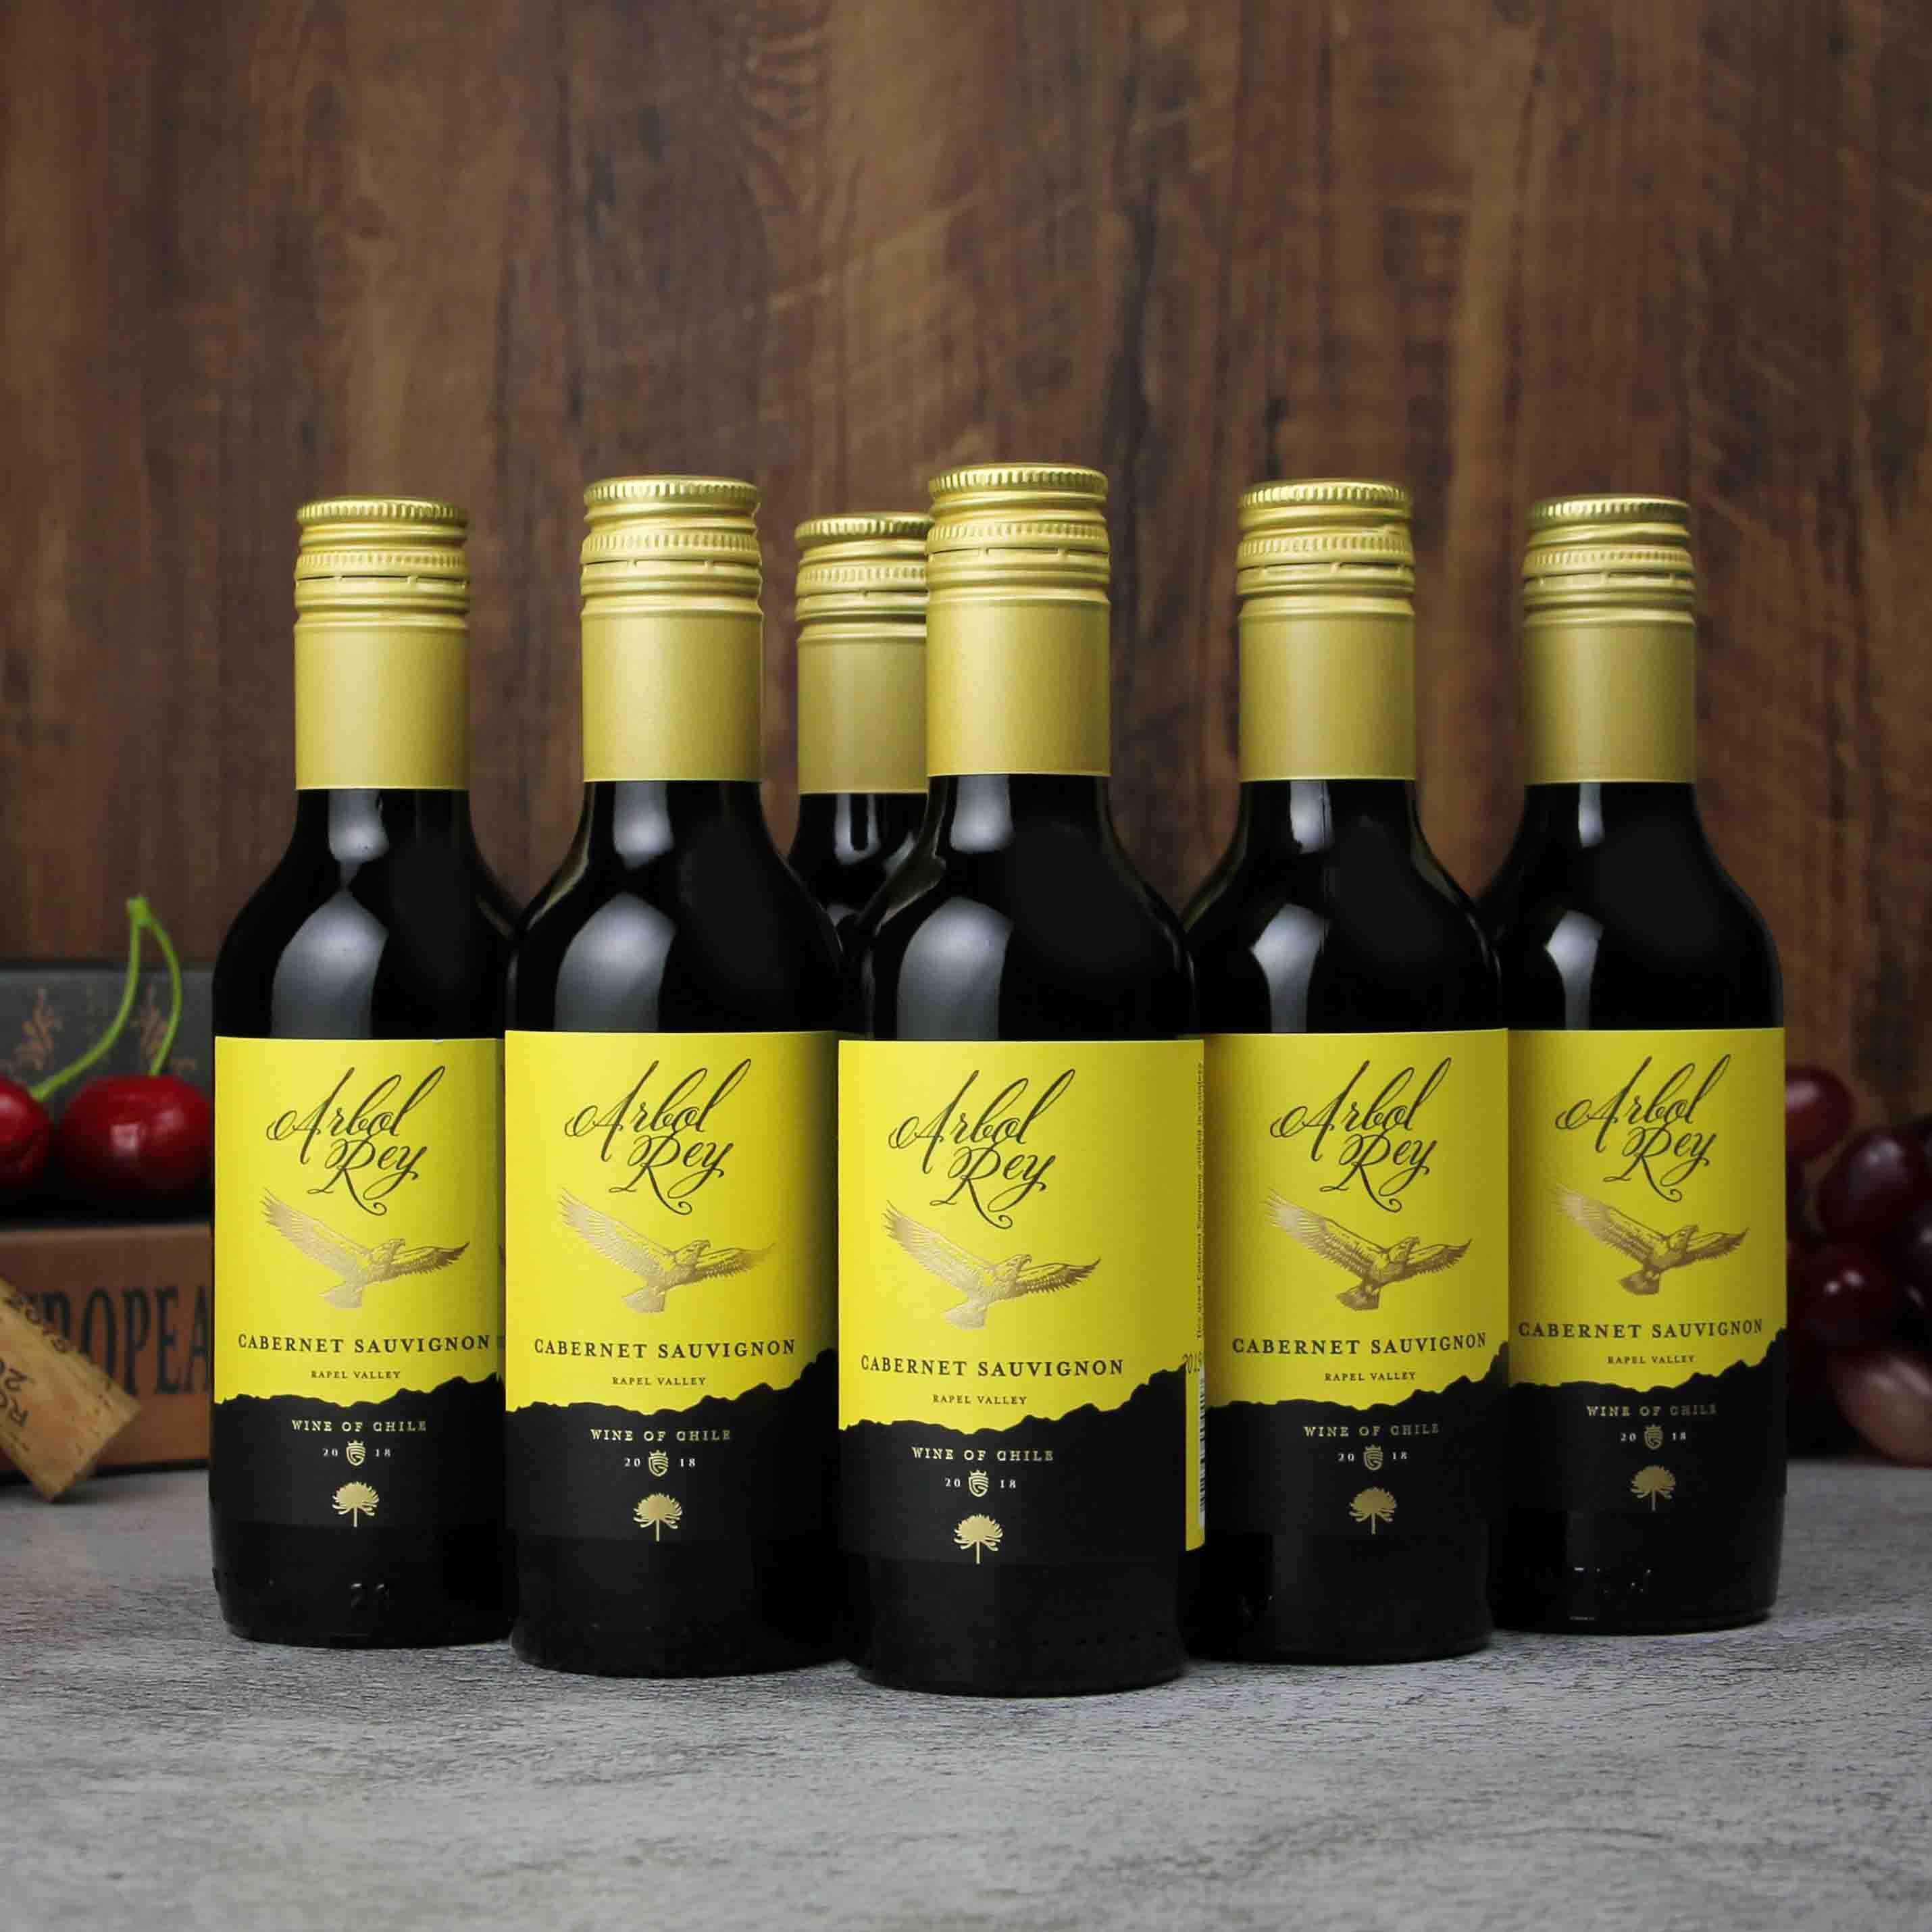 智利拉佩尔谷森林之王经典赤霞珠干红葡萄酒(187ML)